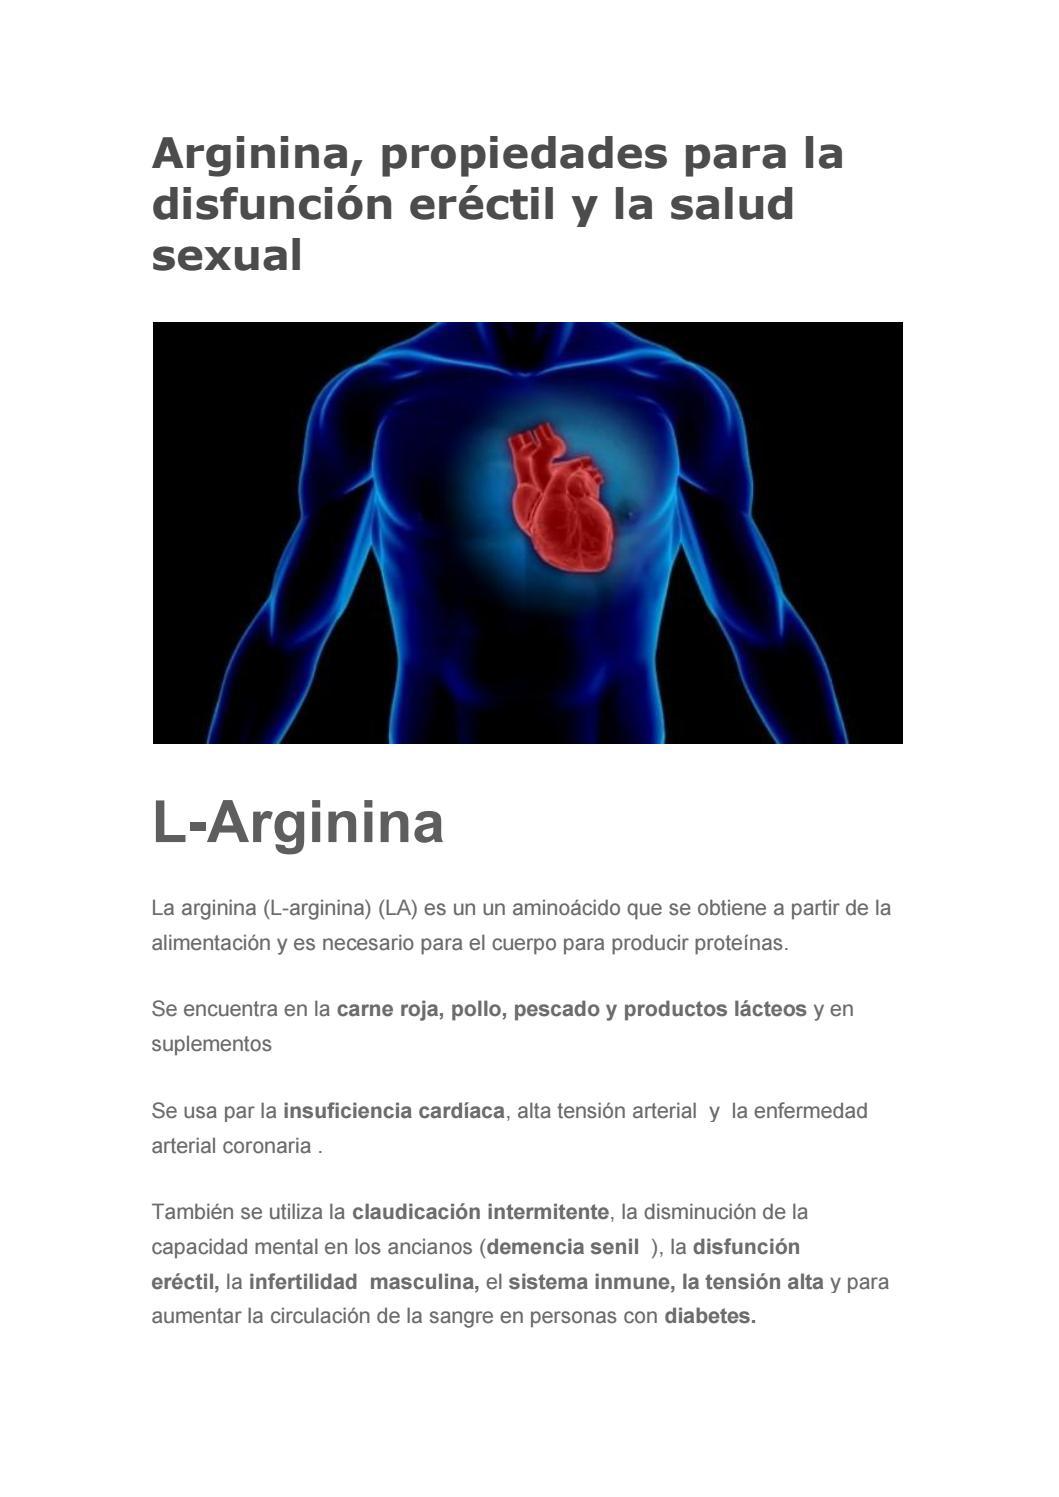 mala salud del corazón podría causar disfunción eréctil